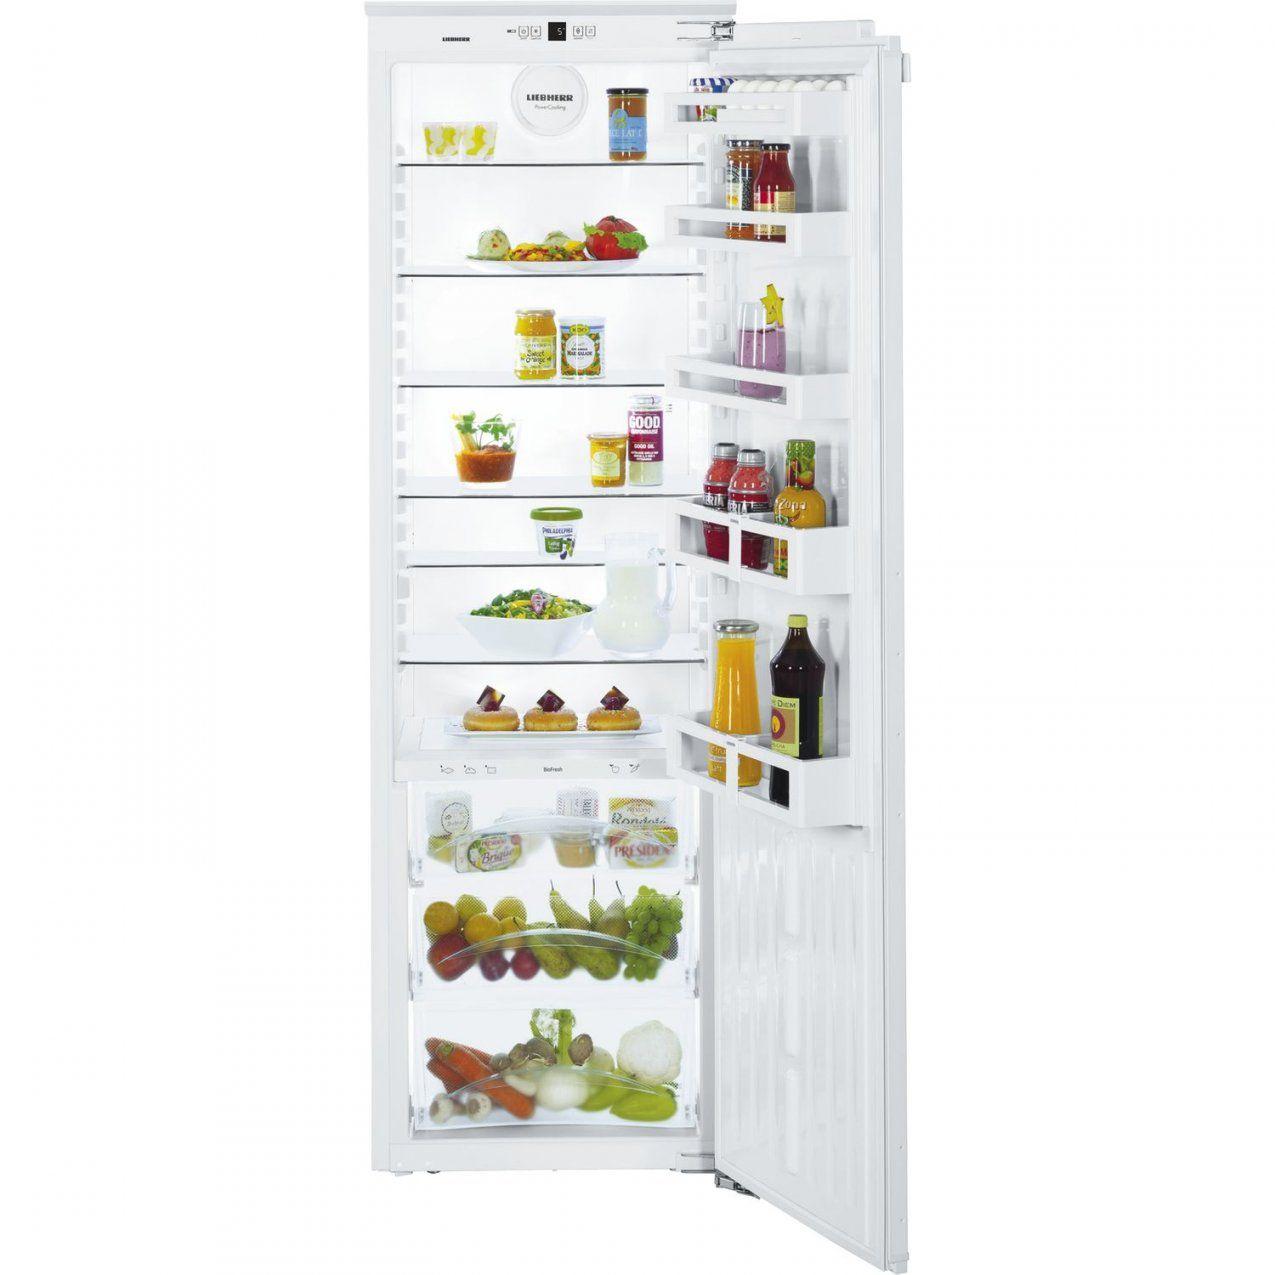 Liebherr Einbaukühlschrank Ikb 3520 Ohne Gefrierfach Nischenhöhe von Einbaukühlschrank Ohne Gefrierfach 178 Cm Photo